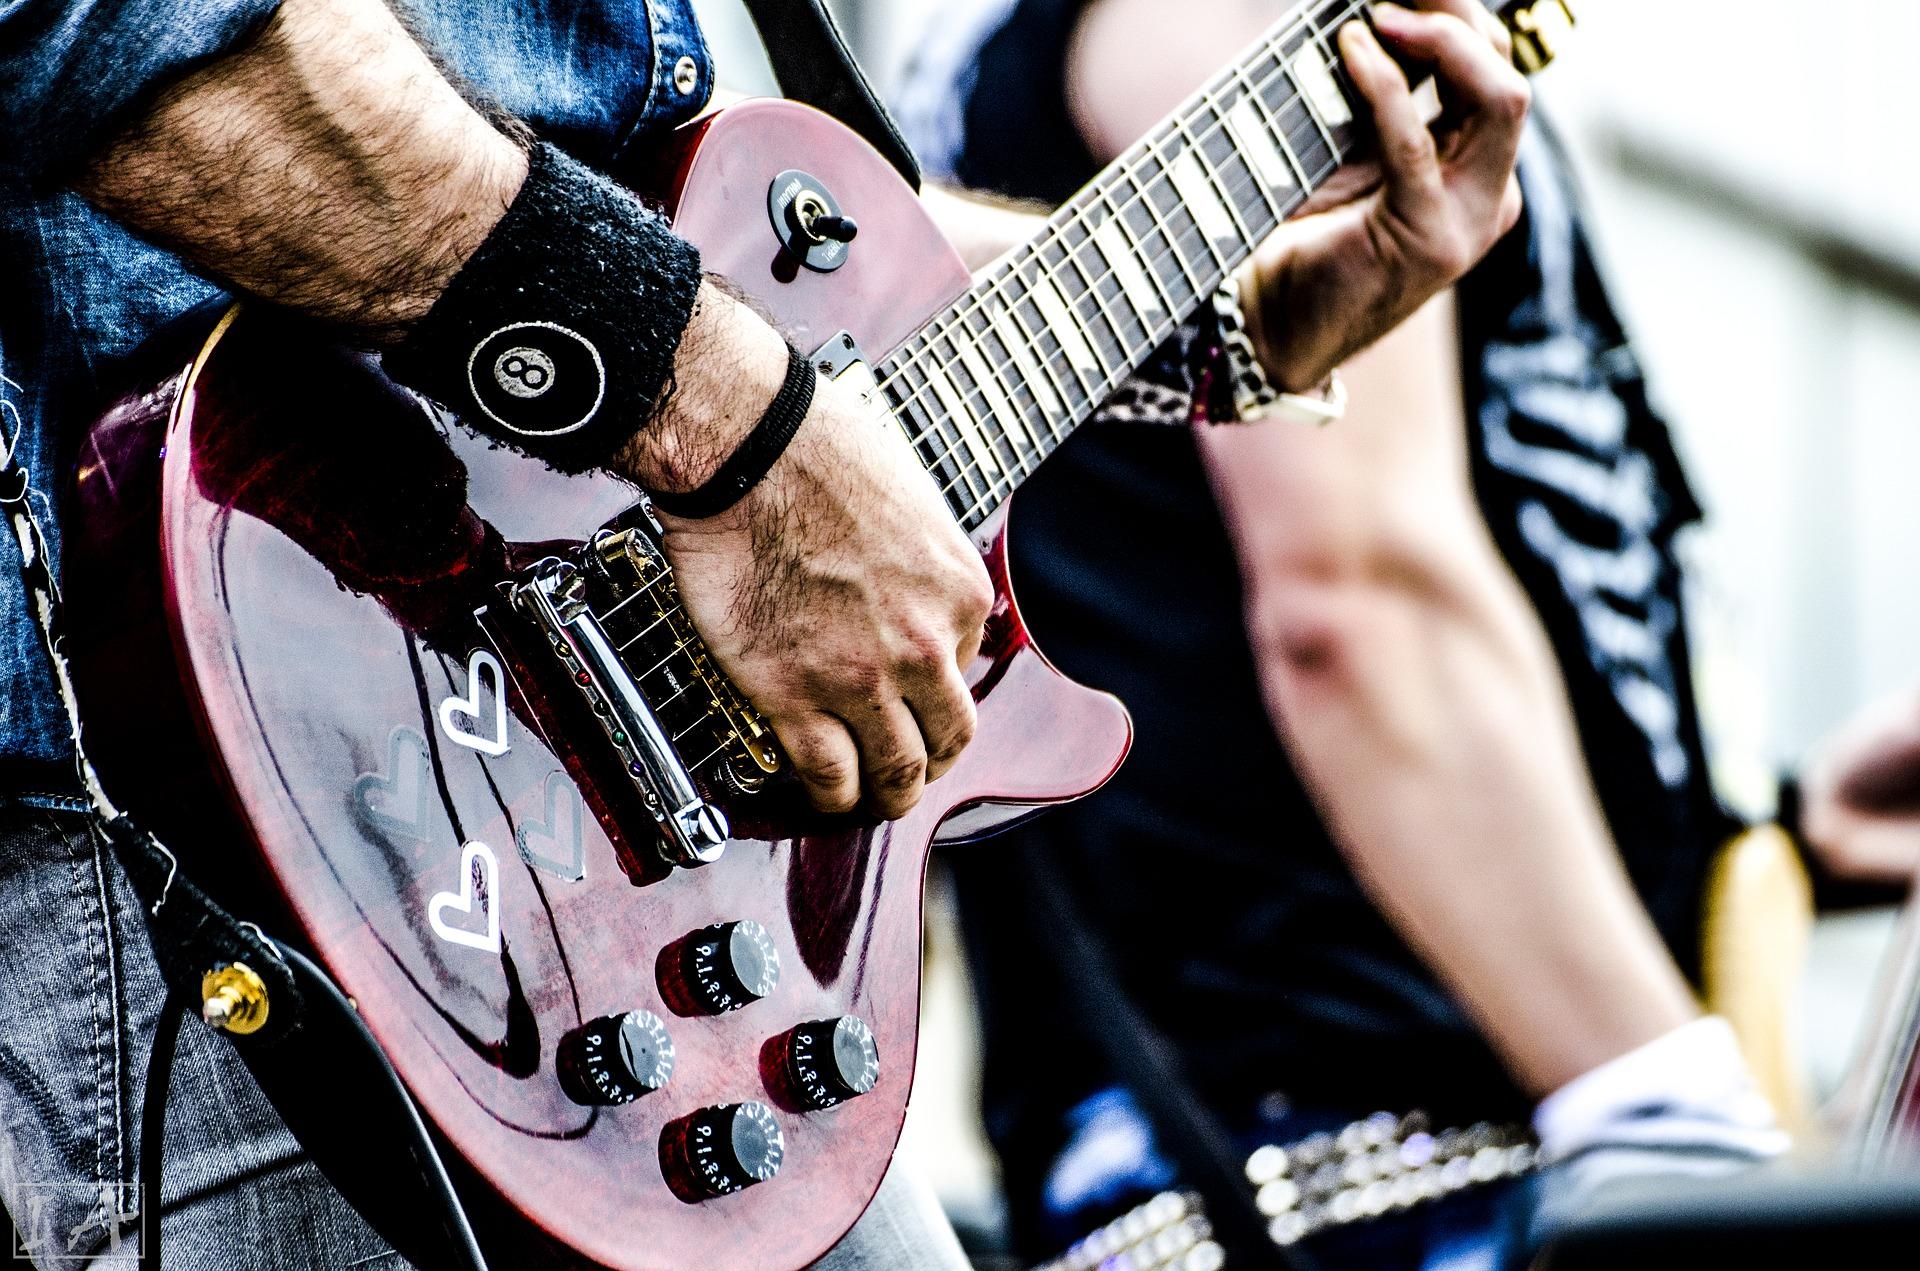 fale dźwiękowe, fale akustyczne, muzyka, gitary